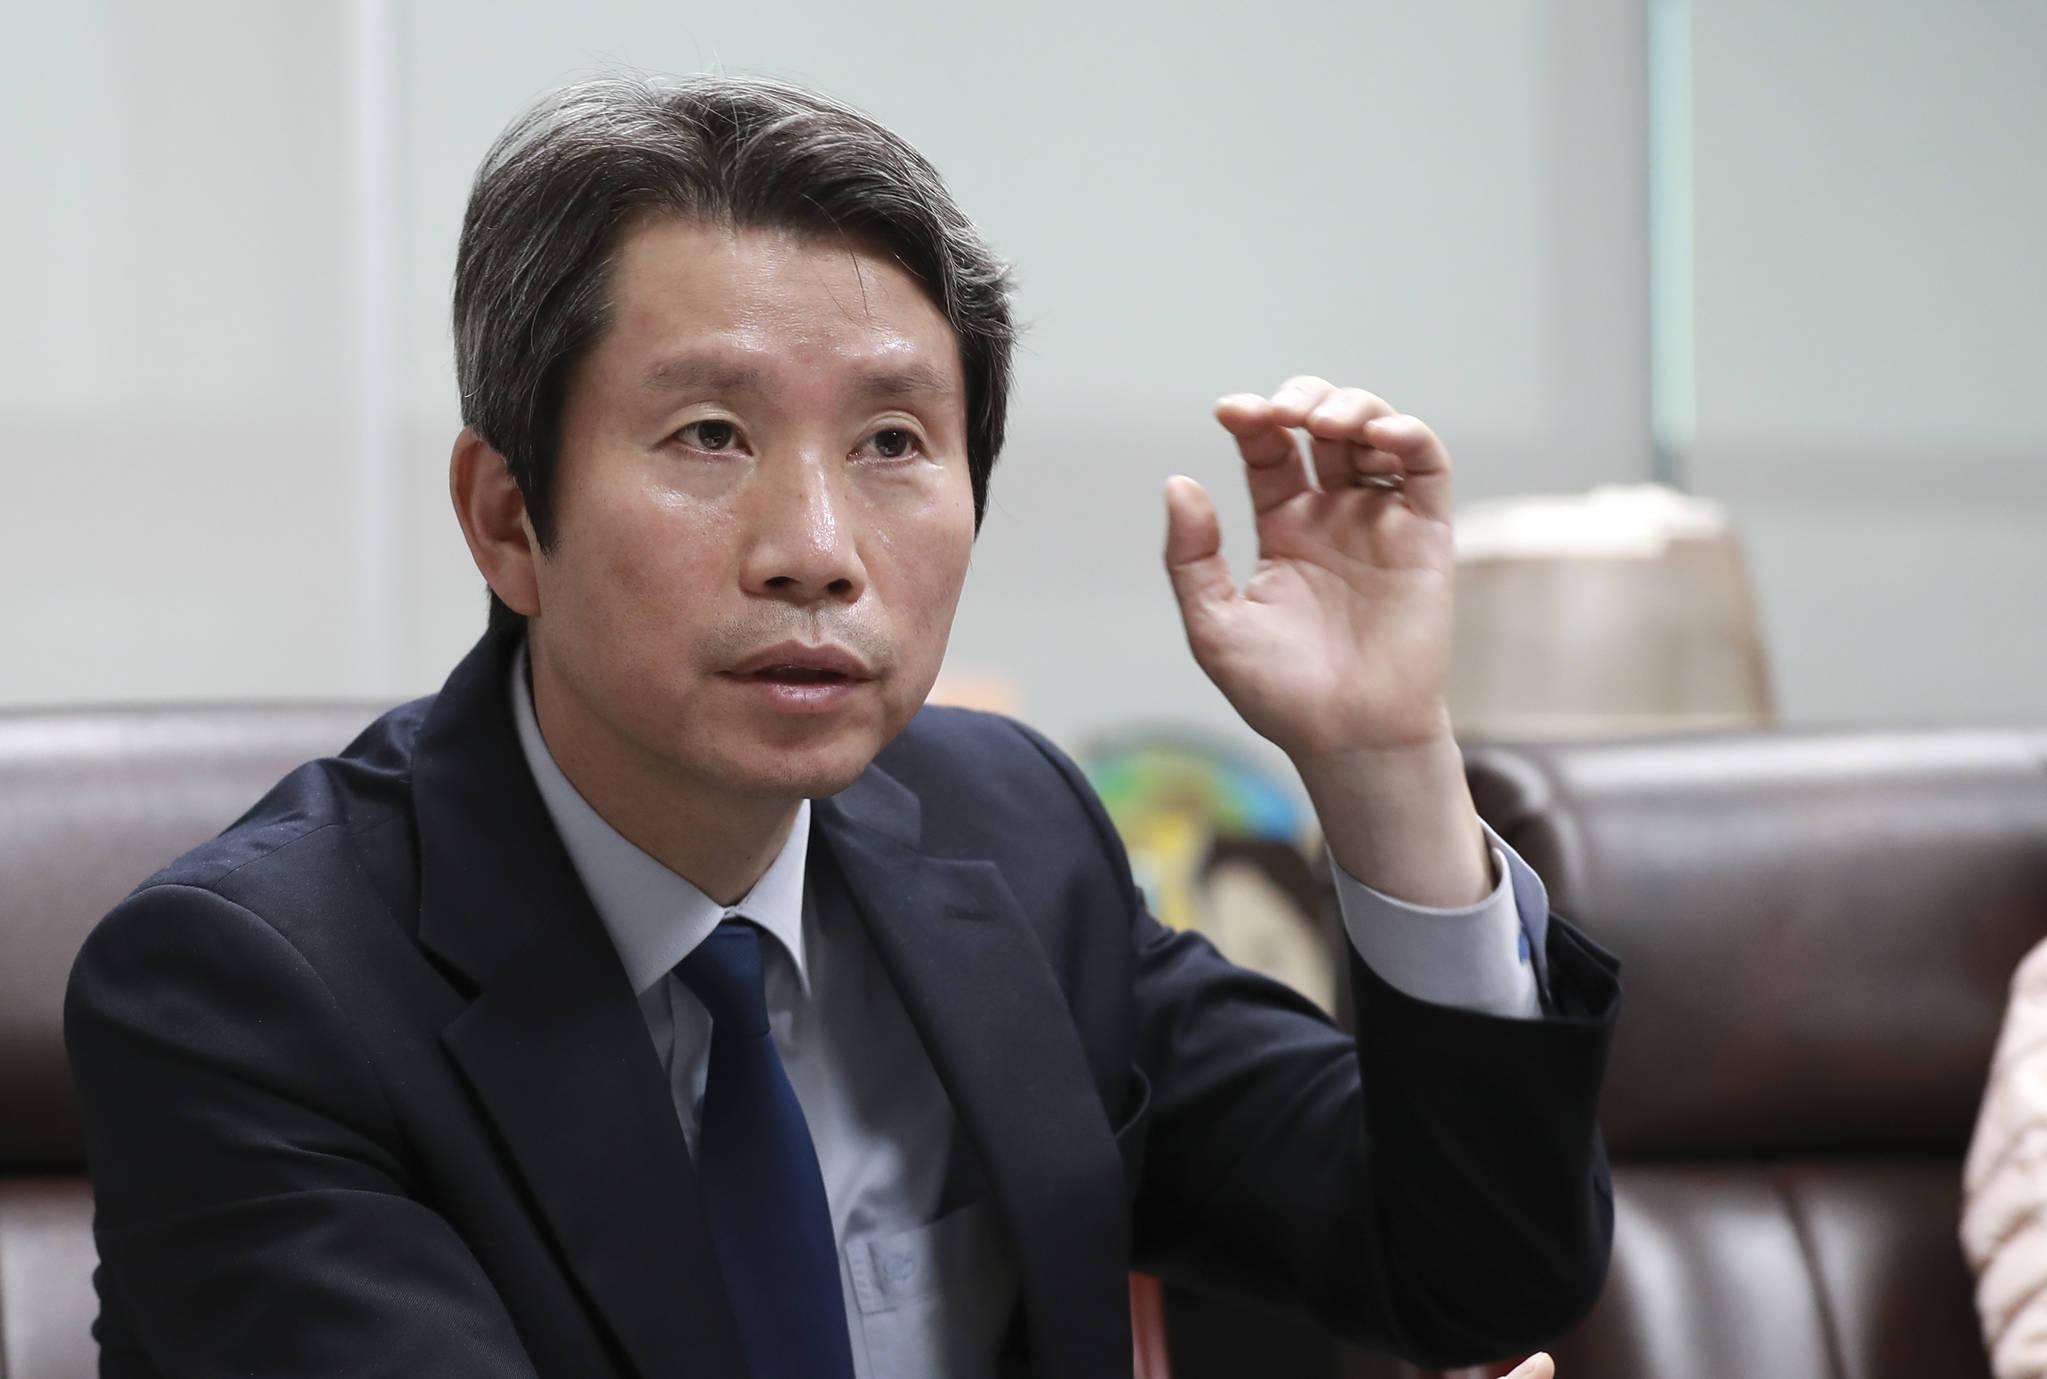 """이인영 더불어민주당 의원은 """"지방선거가 지나 정치세력이나 유력 정치인들의 이해관계가 작동하기 시작하면 개헌은 어려워질 것""""이라고 말했다. 임현동 기자"""